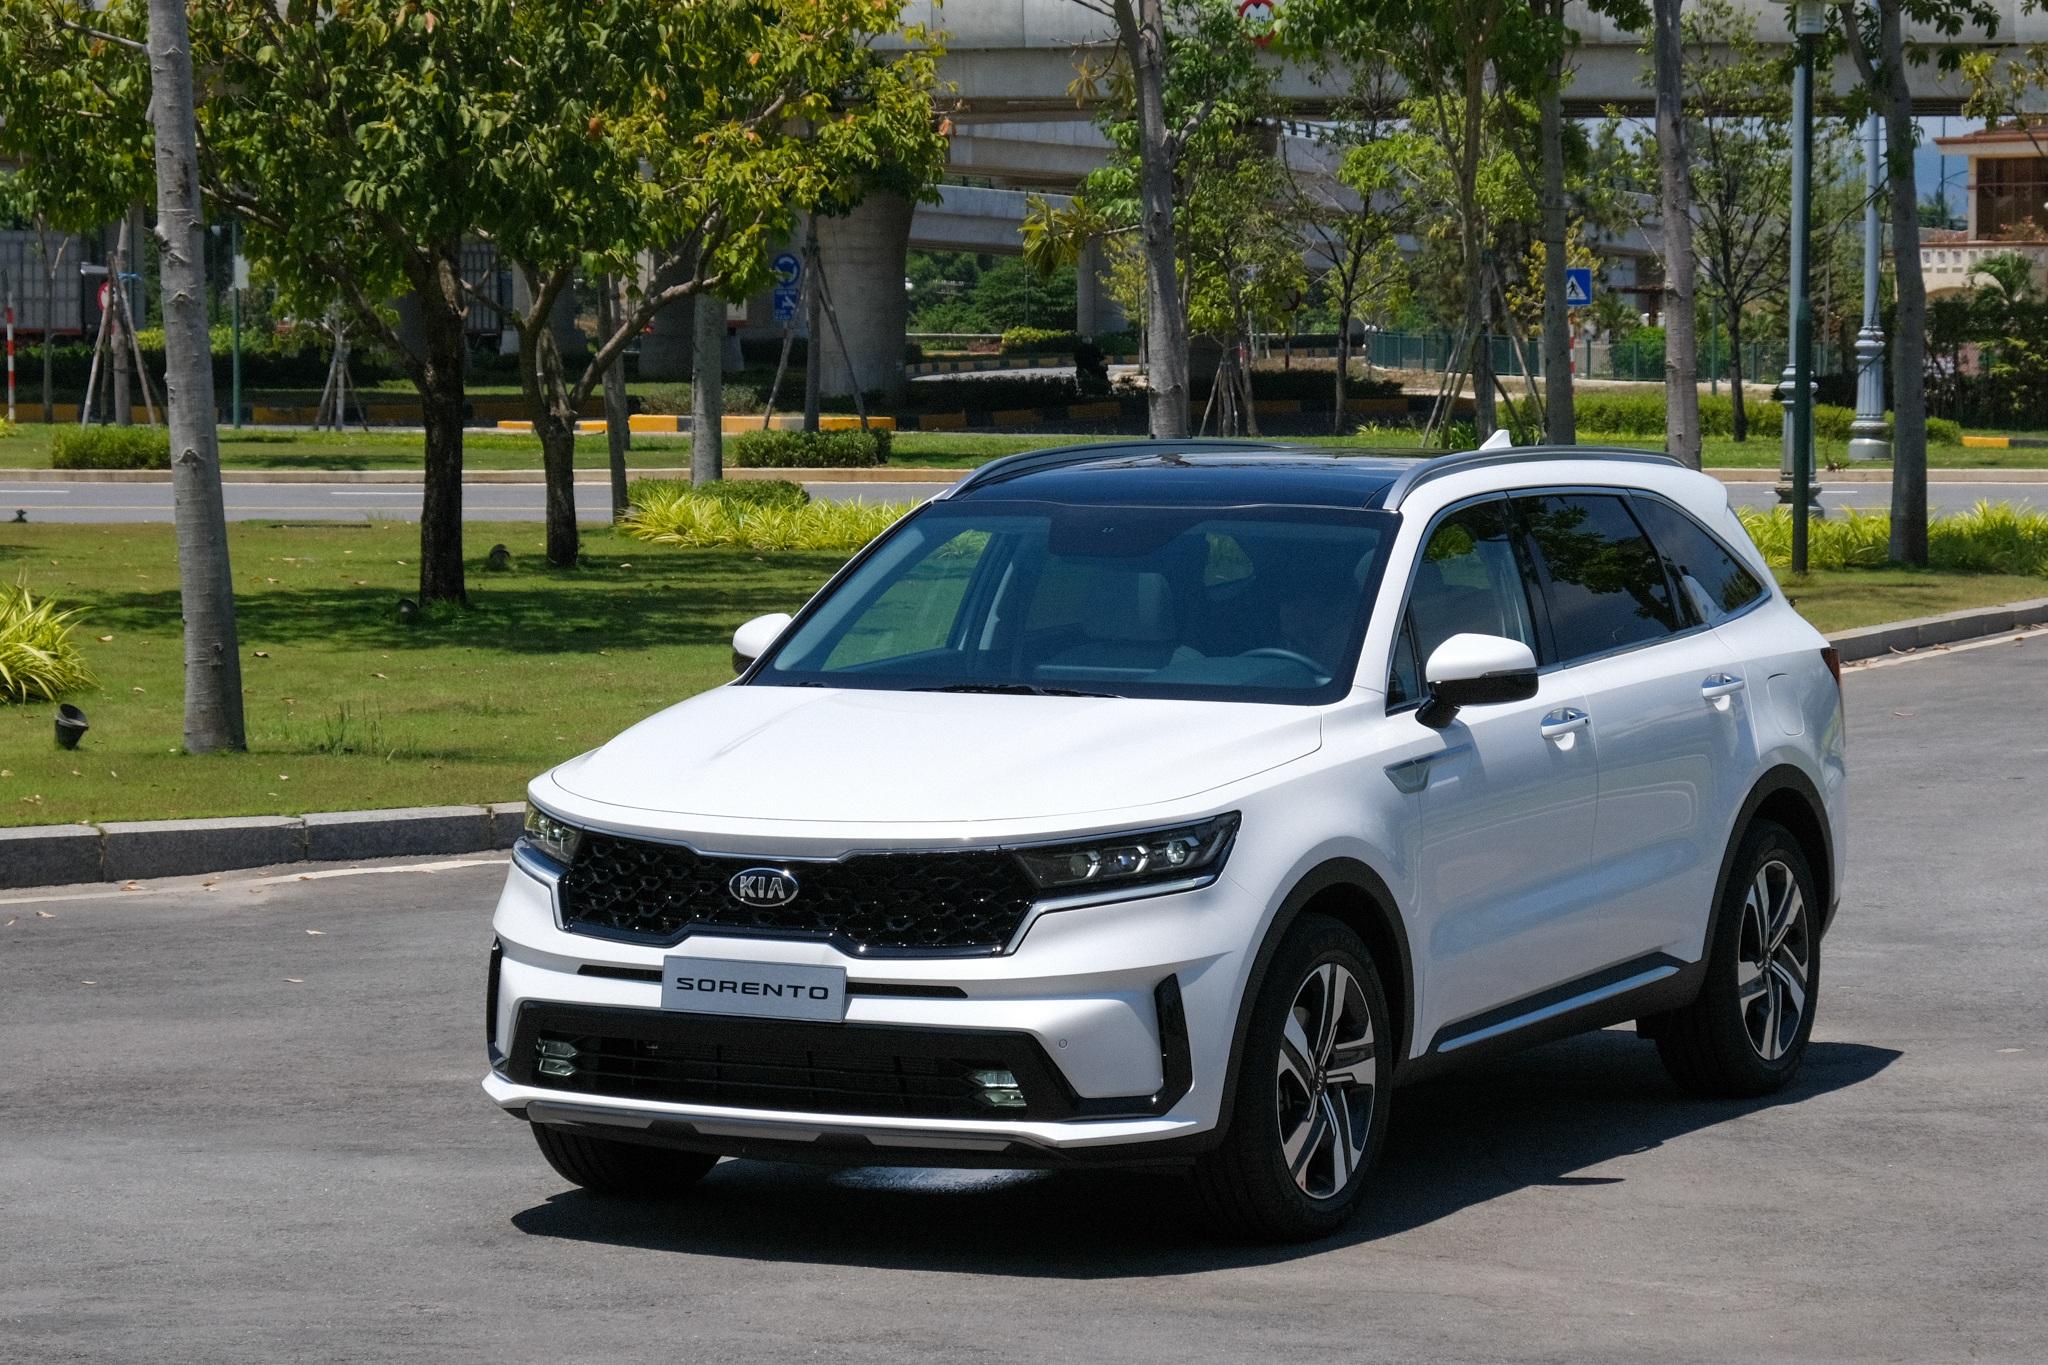 Chi tiết Kia Sorento 2021: xe Hàn Quốc có gì với giá cao nhất 1,349 tỷ?